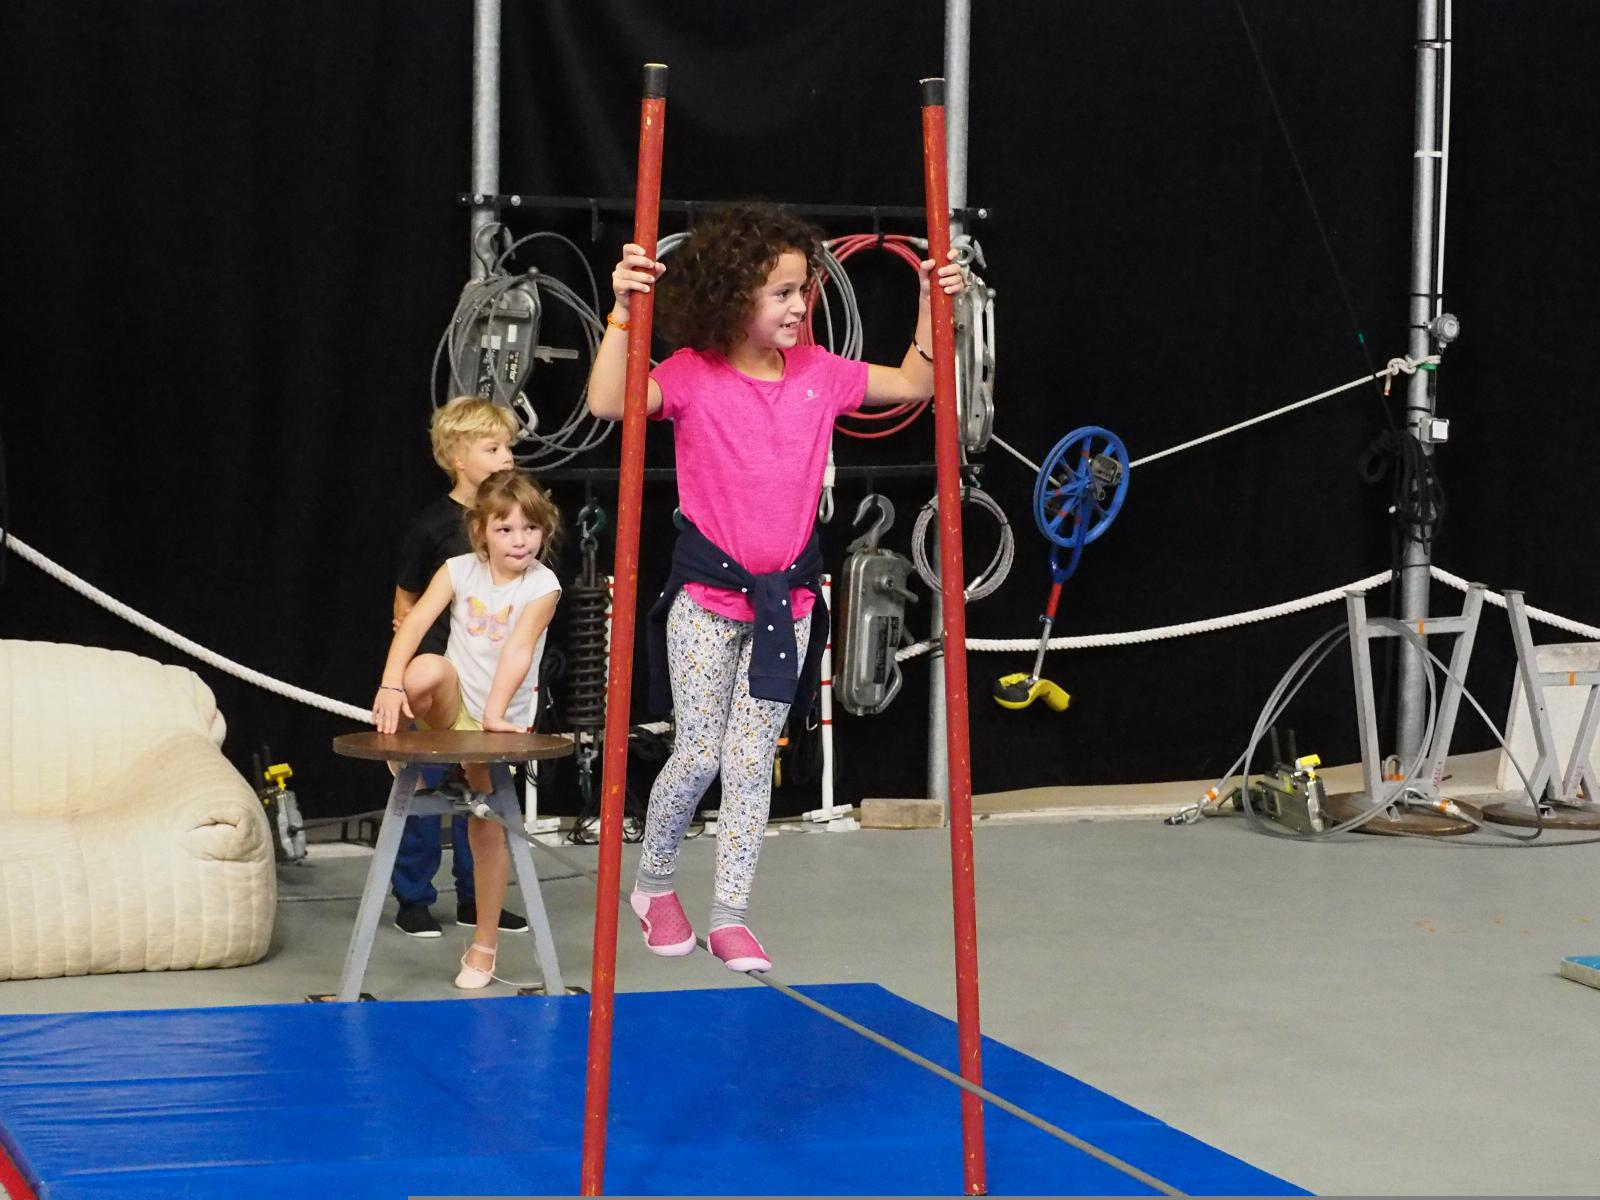 Cirque Loisirs